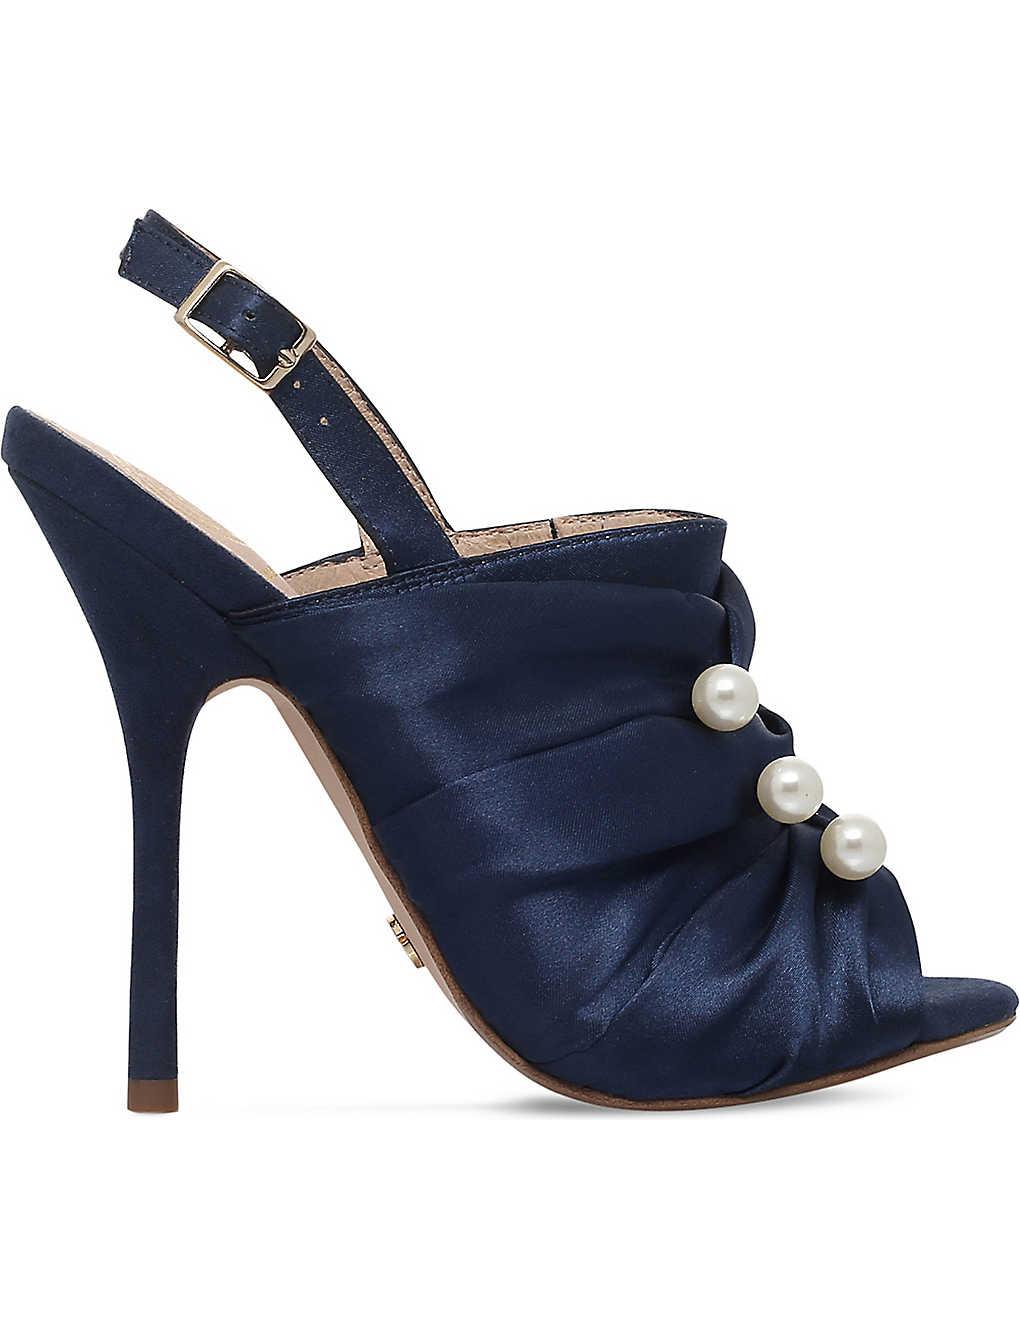 9af0200a23710 KG KURT GEIGER - Jem satin slingback sandals